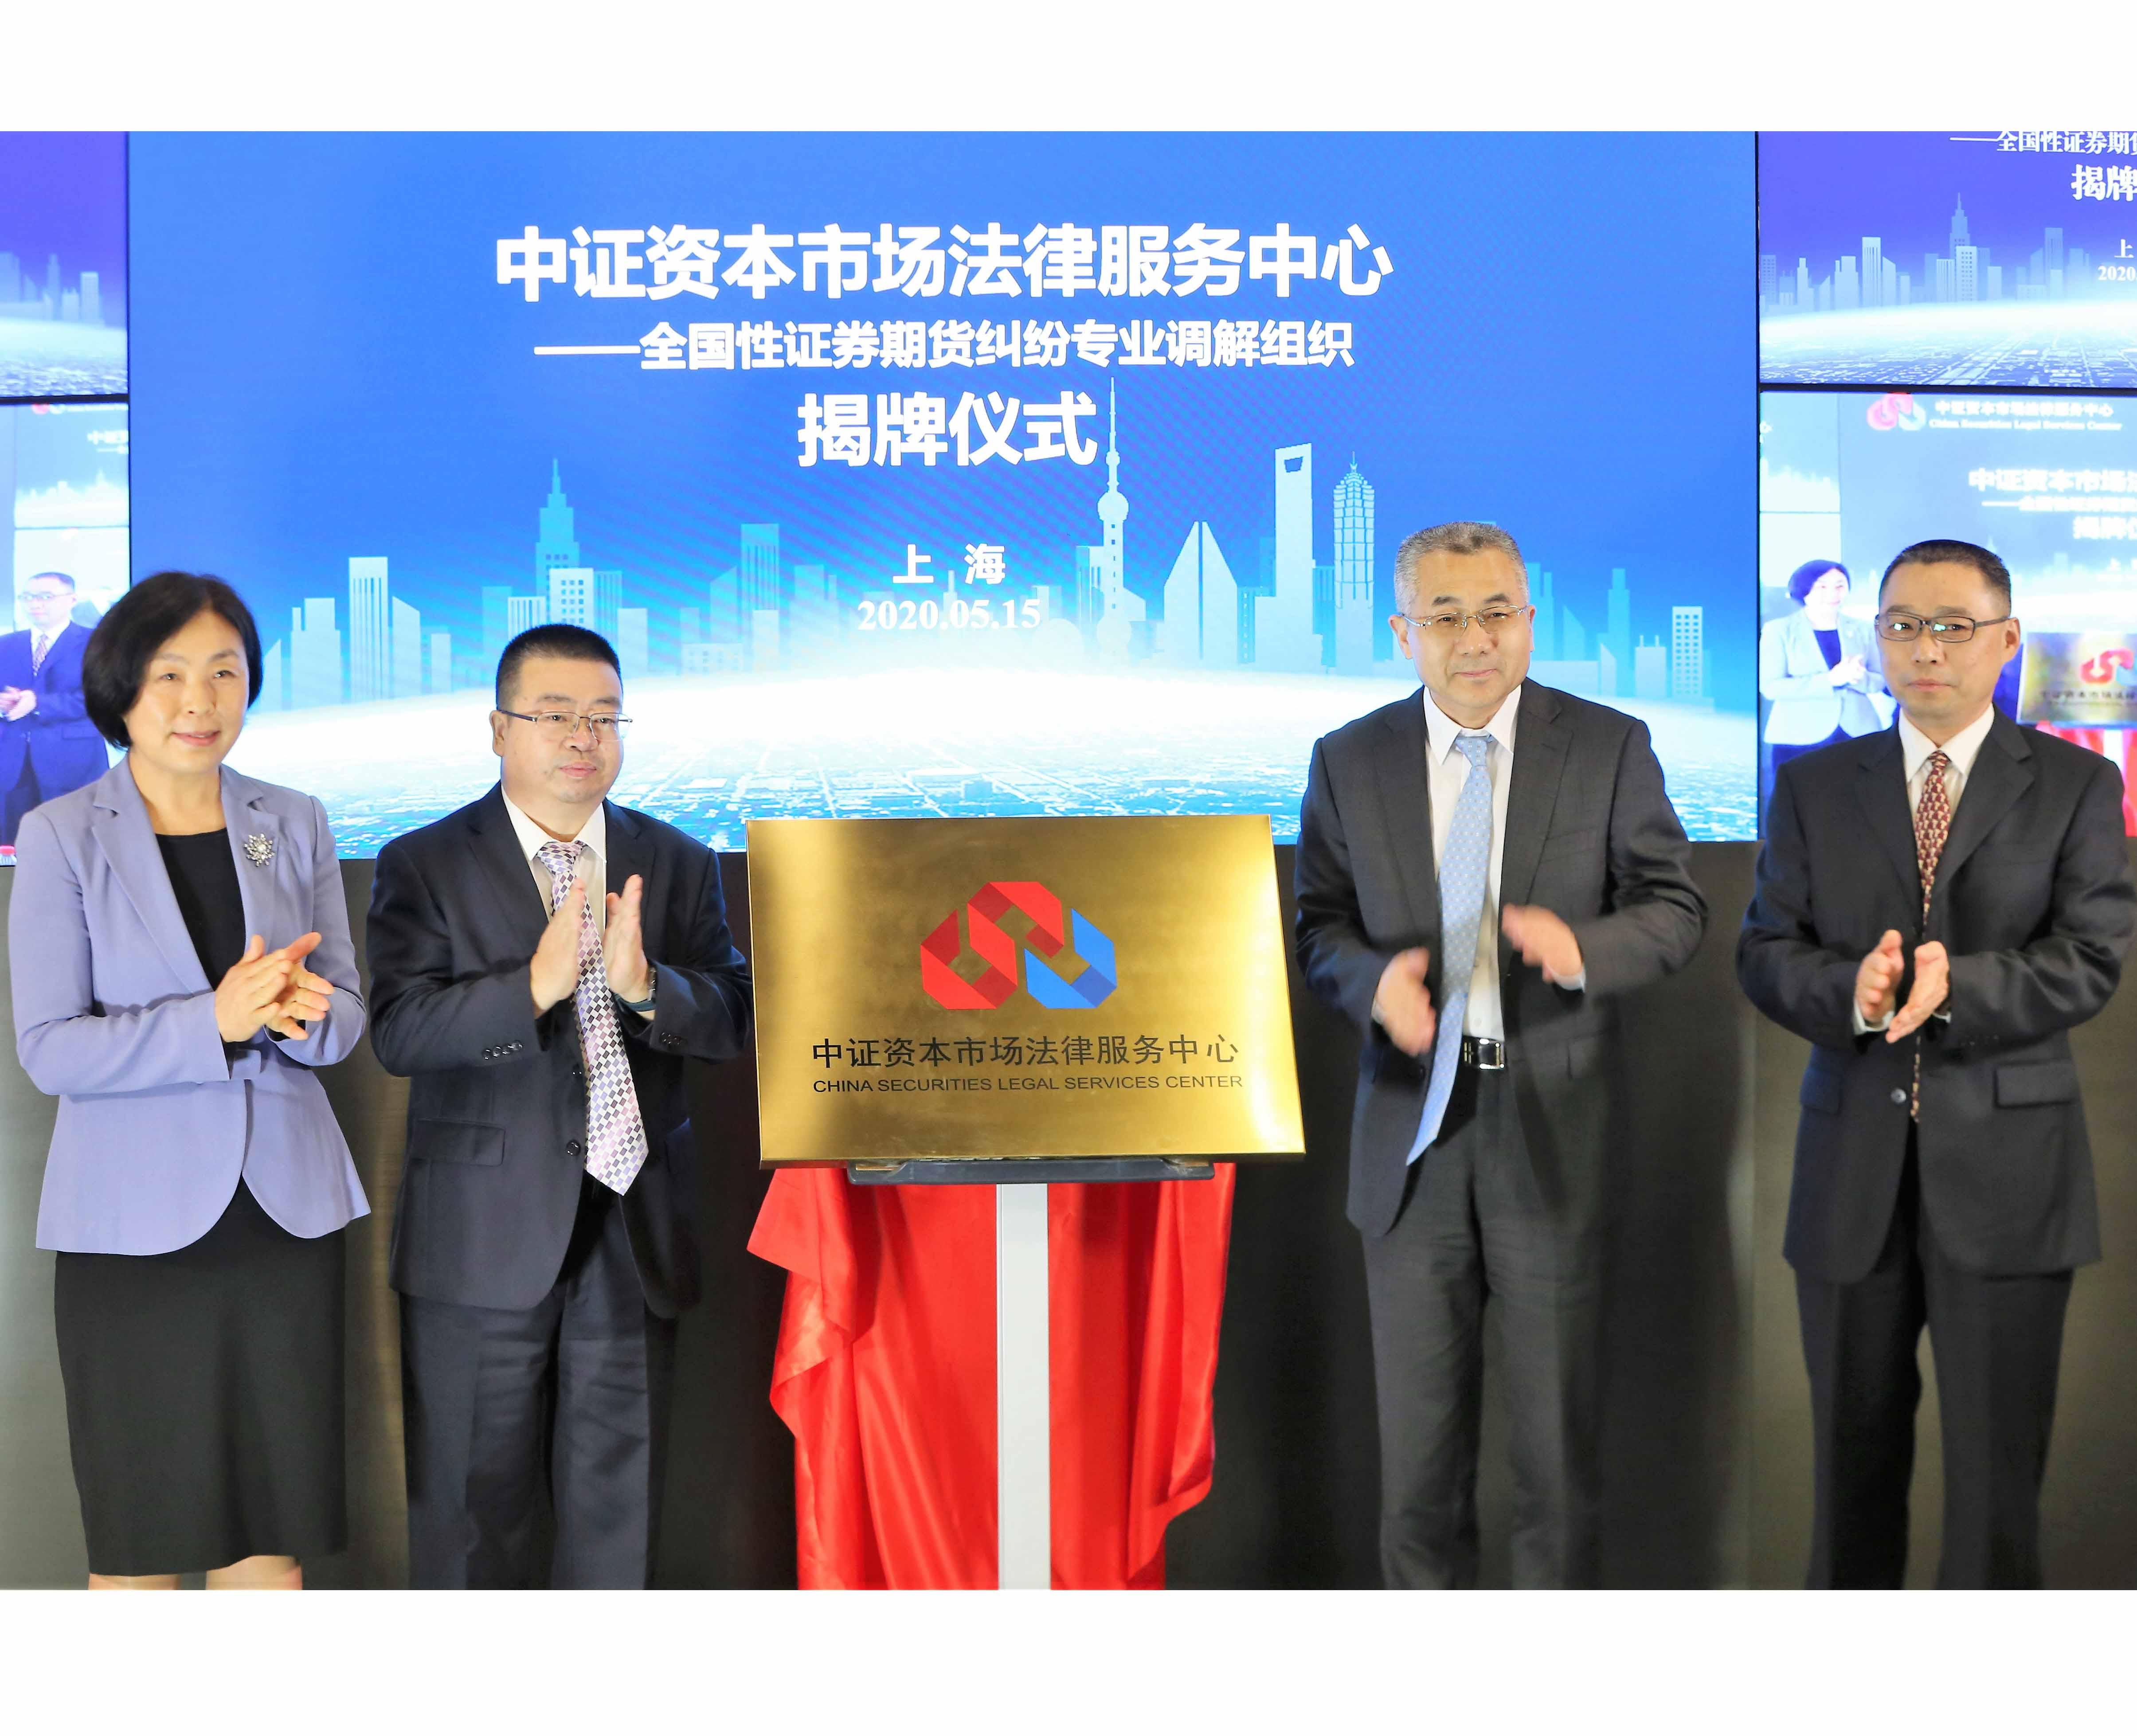 全国性证券期货纠纷专业调解组织在上海正式揭牌成立